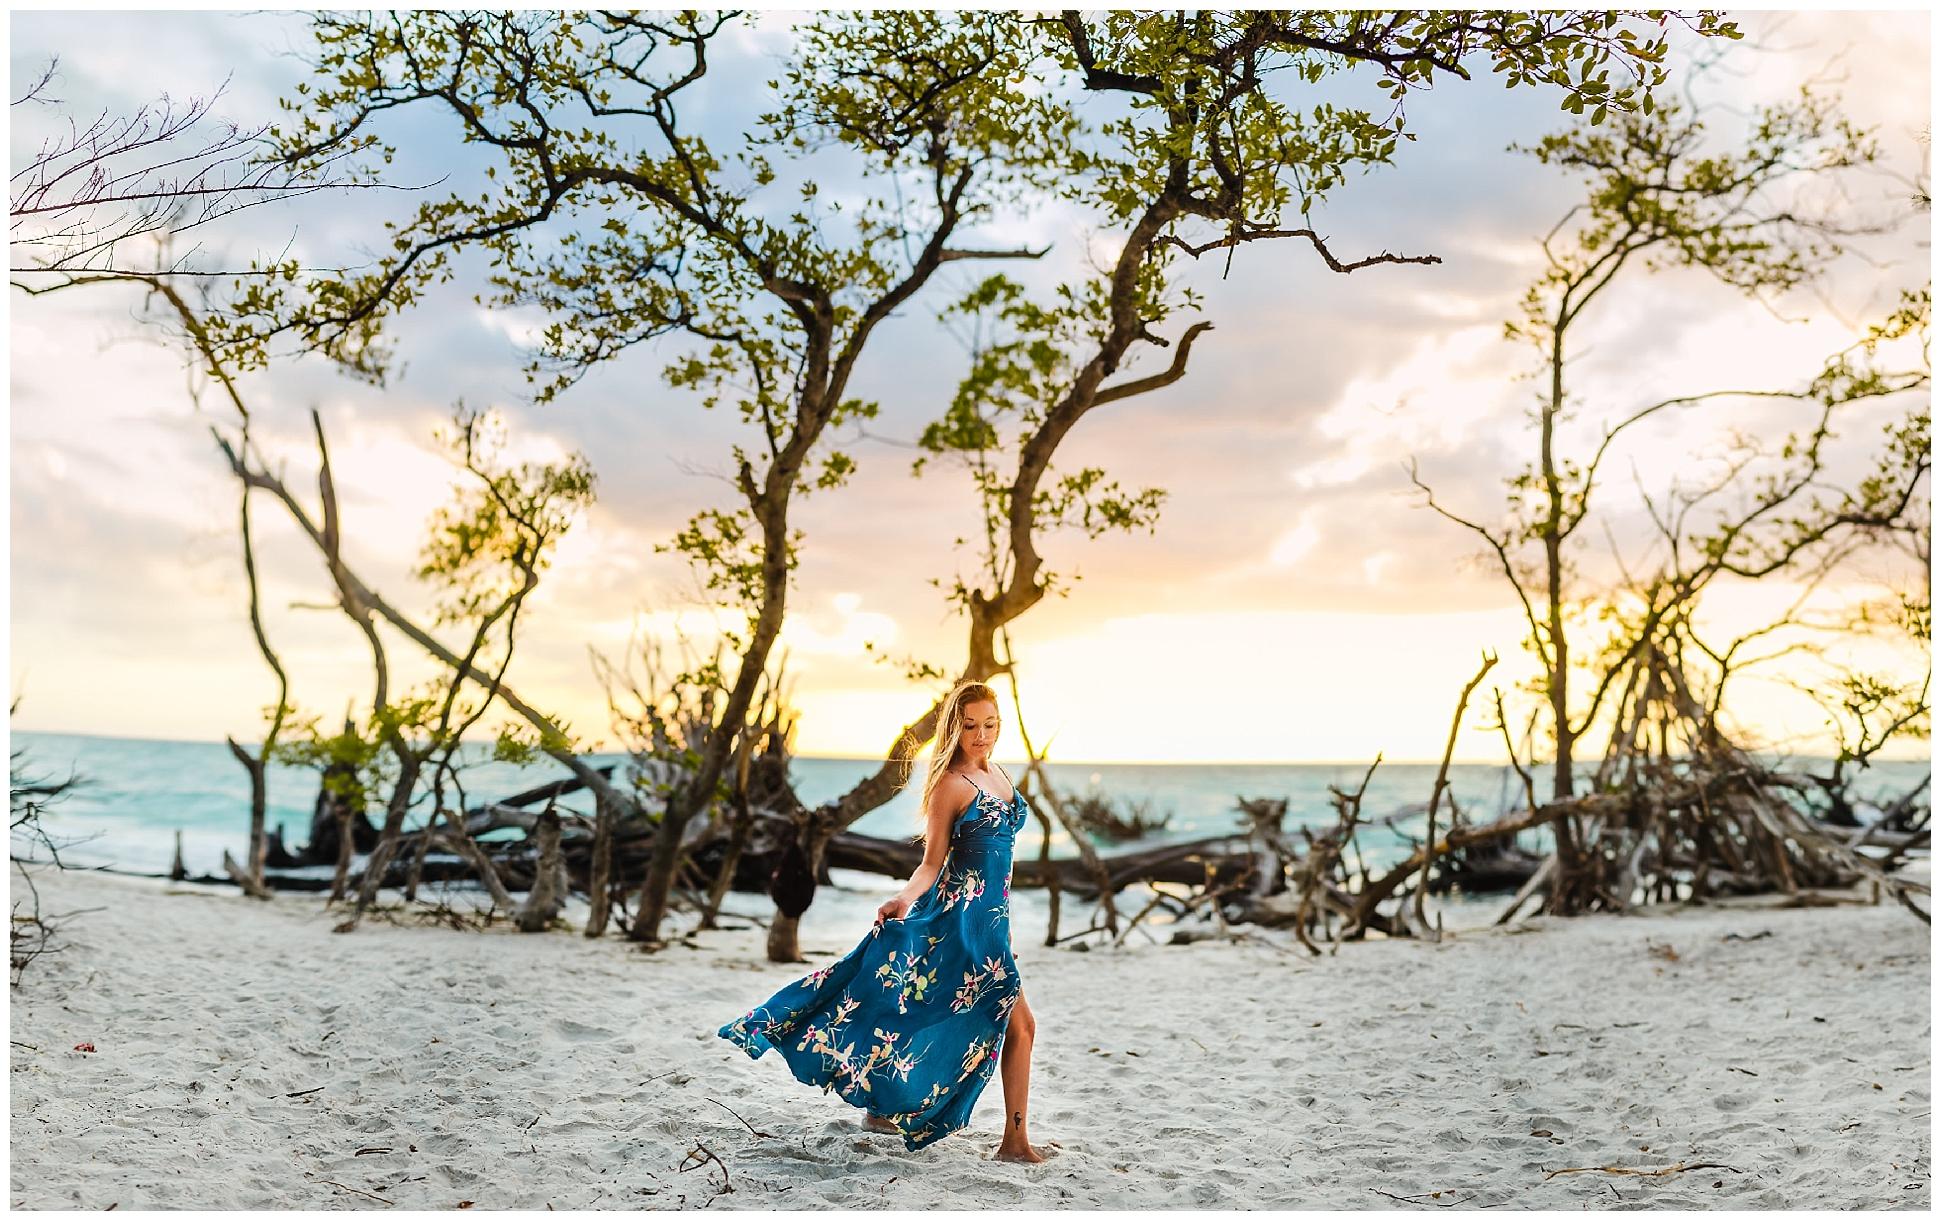 thai-caroline-yoga-long-boat-key-mermaid_13.jpg